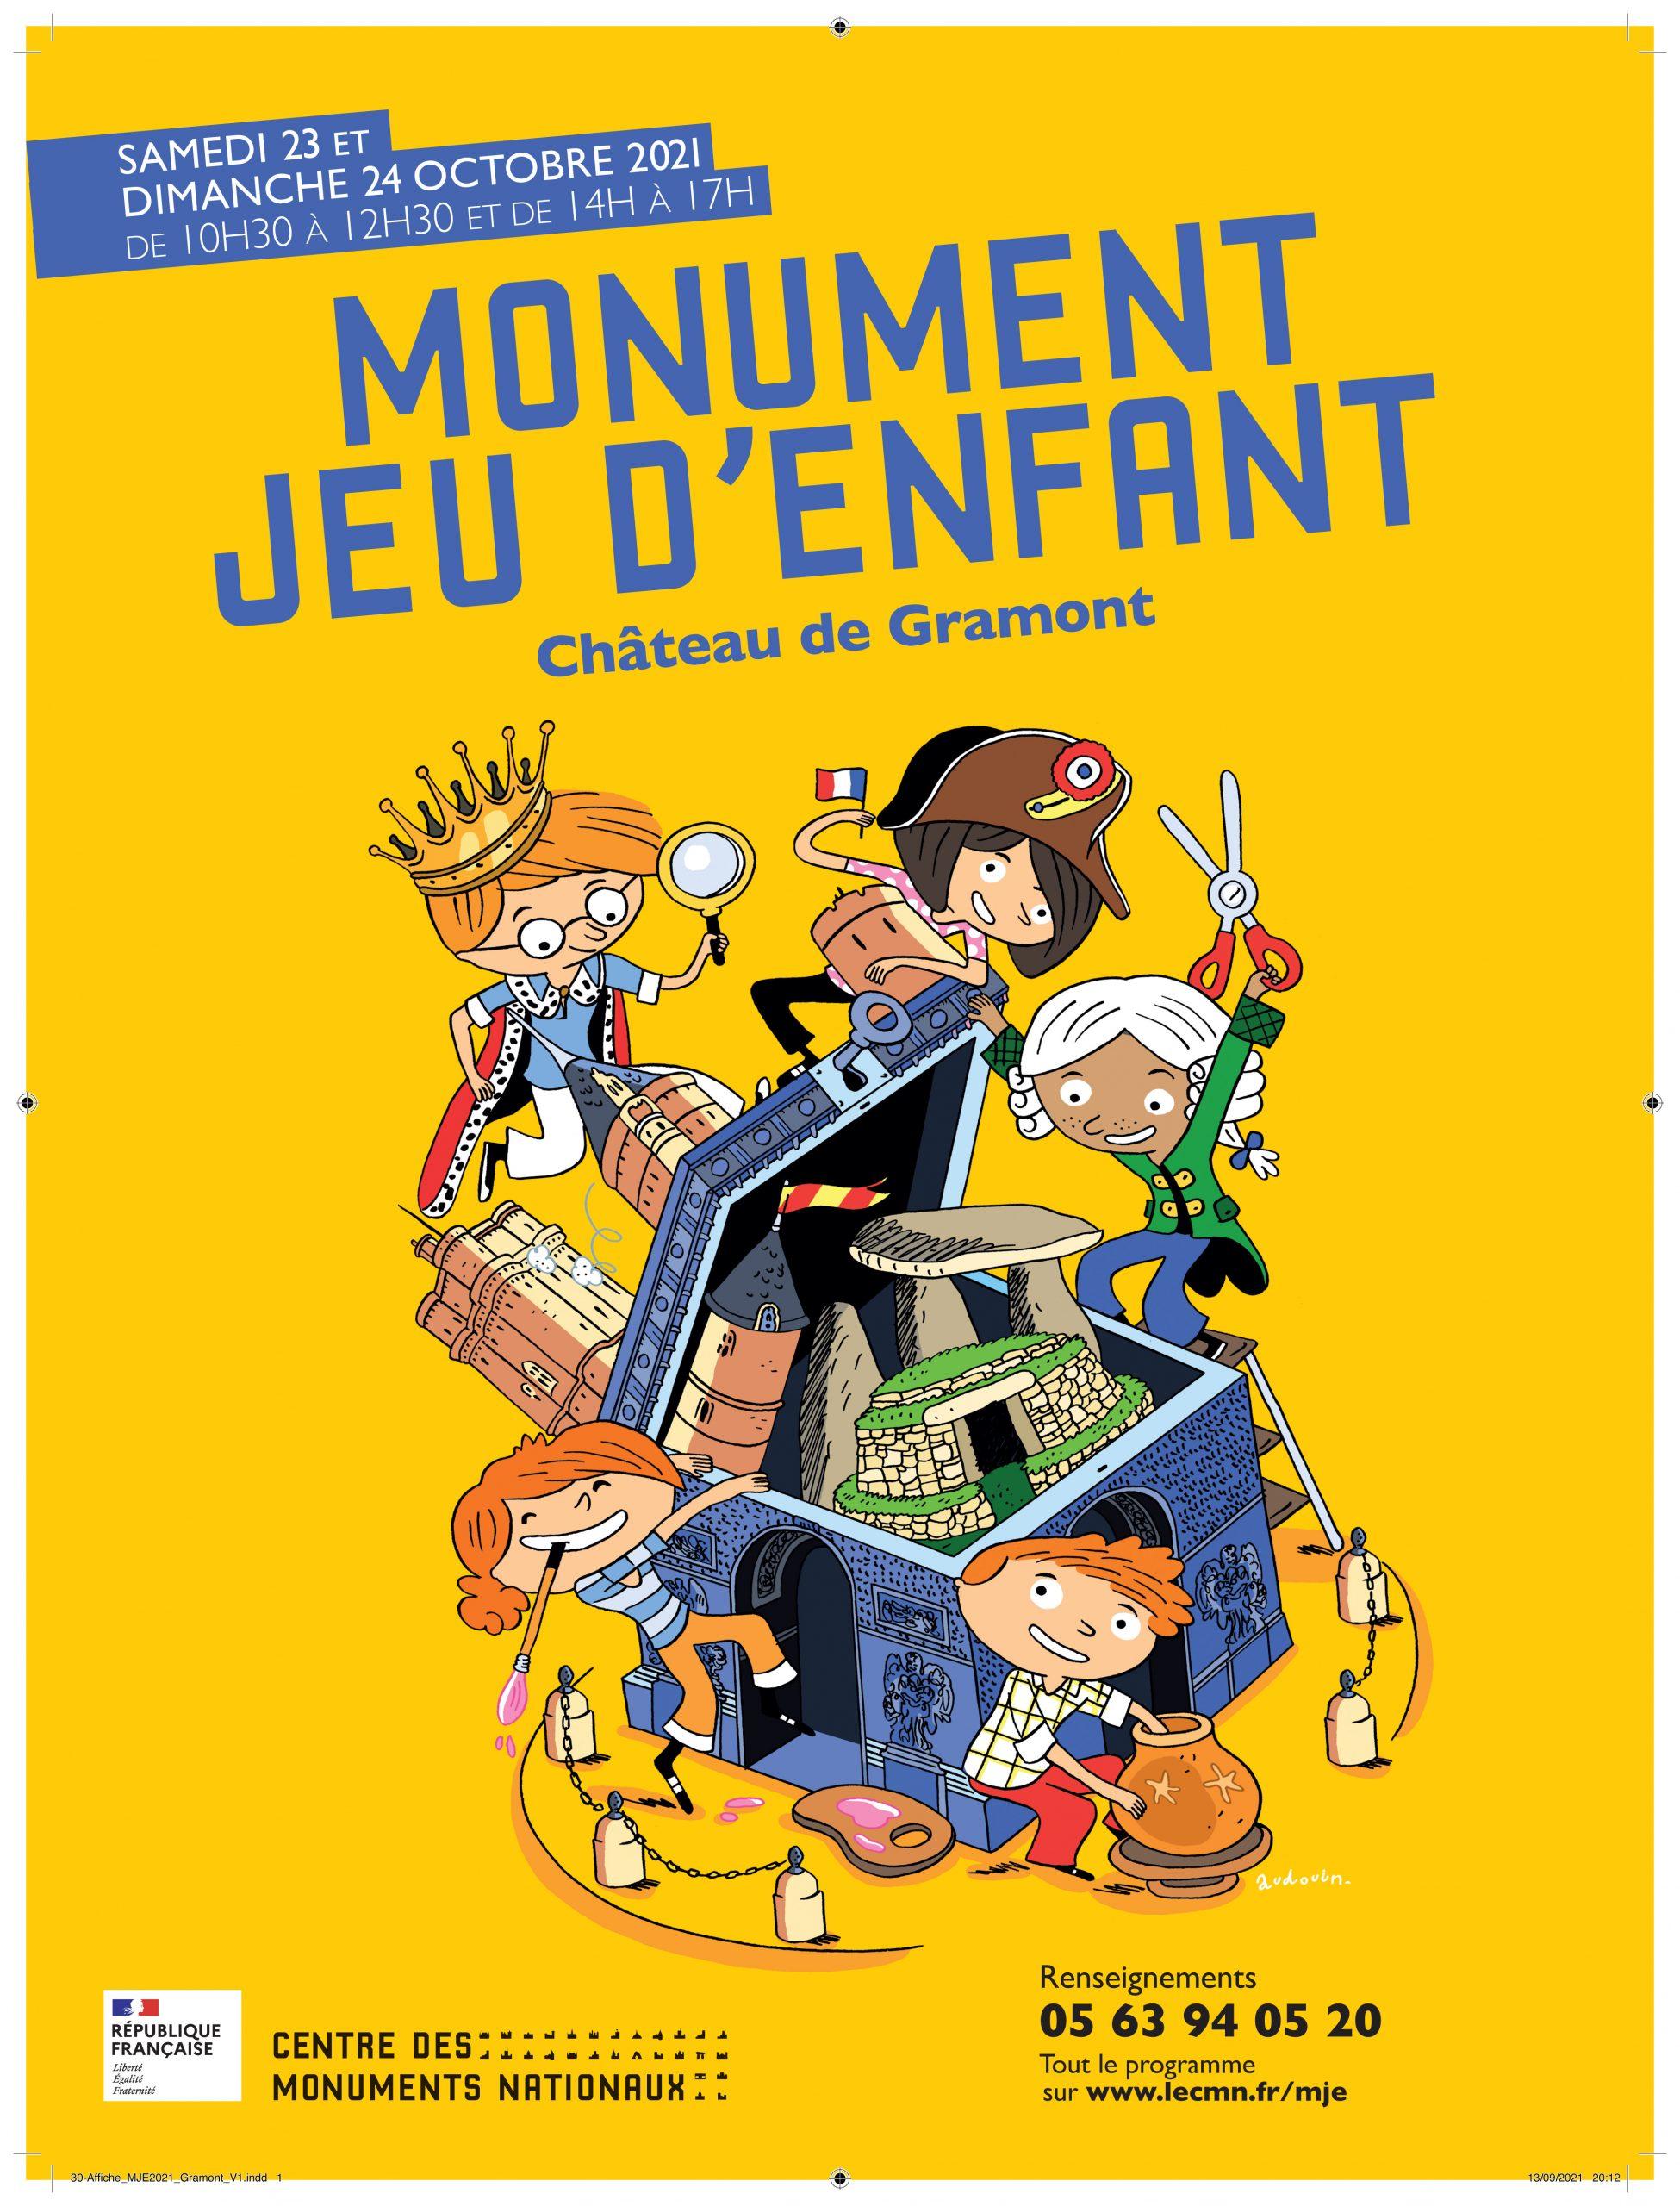 Monument jeu d'enant en Lomagne Tarn et Garonnaise